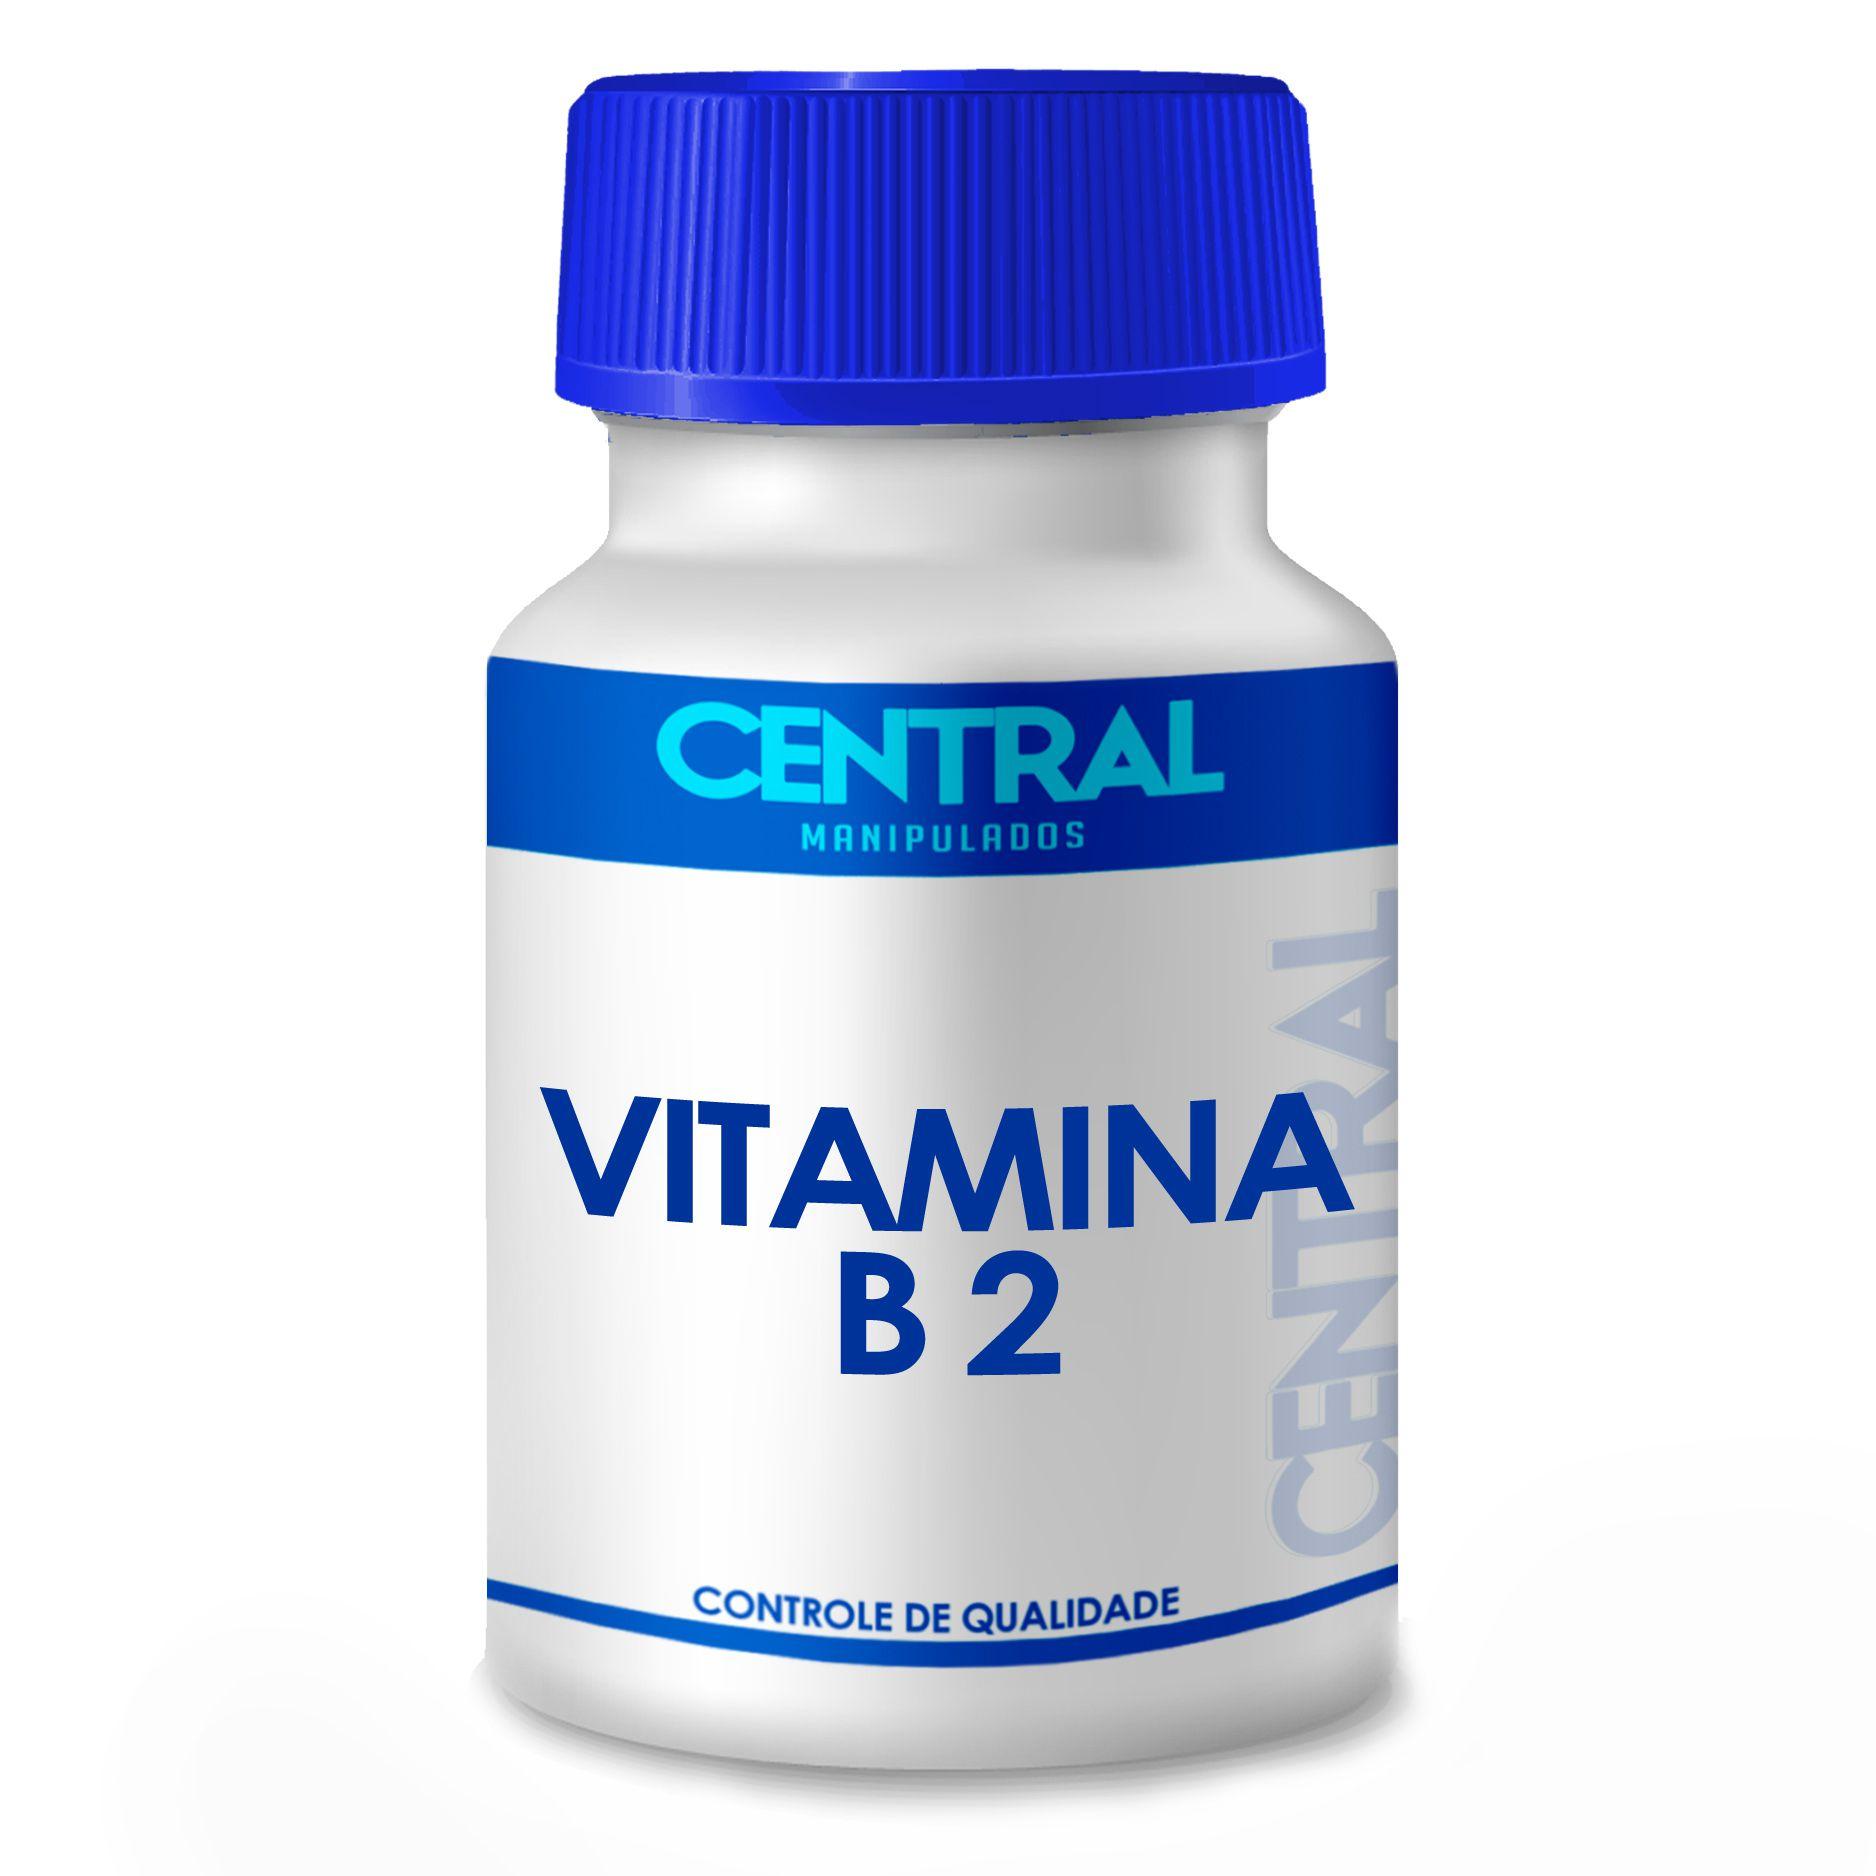 Vitamina B2 100mg  120 cápsulas - Riboflavina - Indicada nos esportes de alta performance, na hemodiálise crônica e na inflamação crônica do intestino